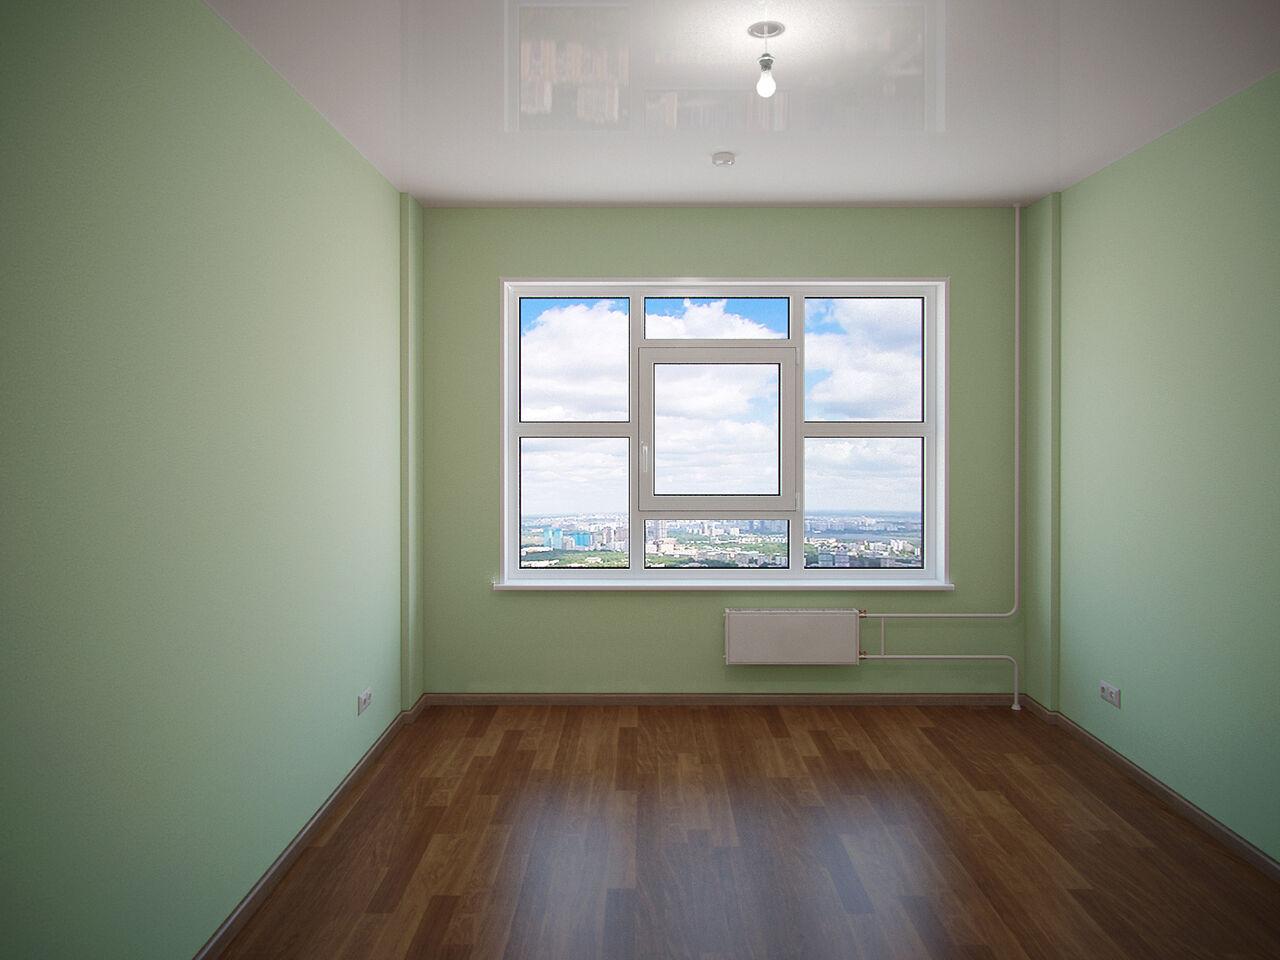 фасадом проект новомарусино квартиры под ключ картинки жизнь знаменитой